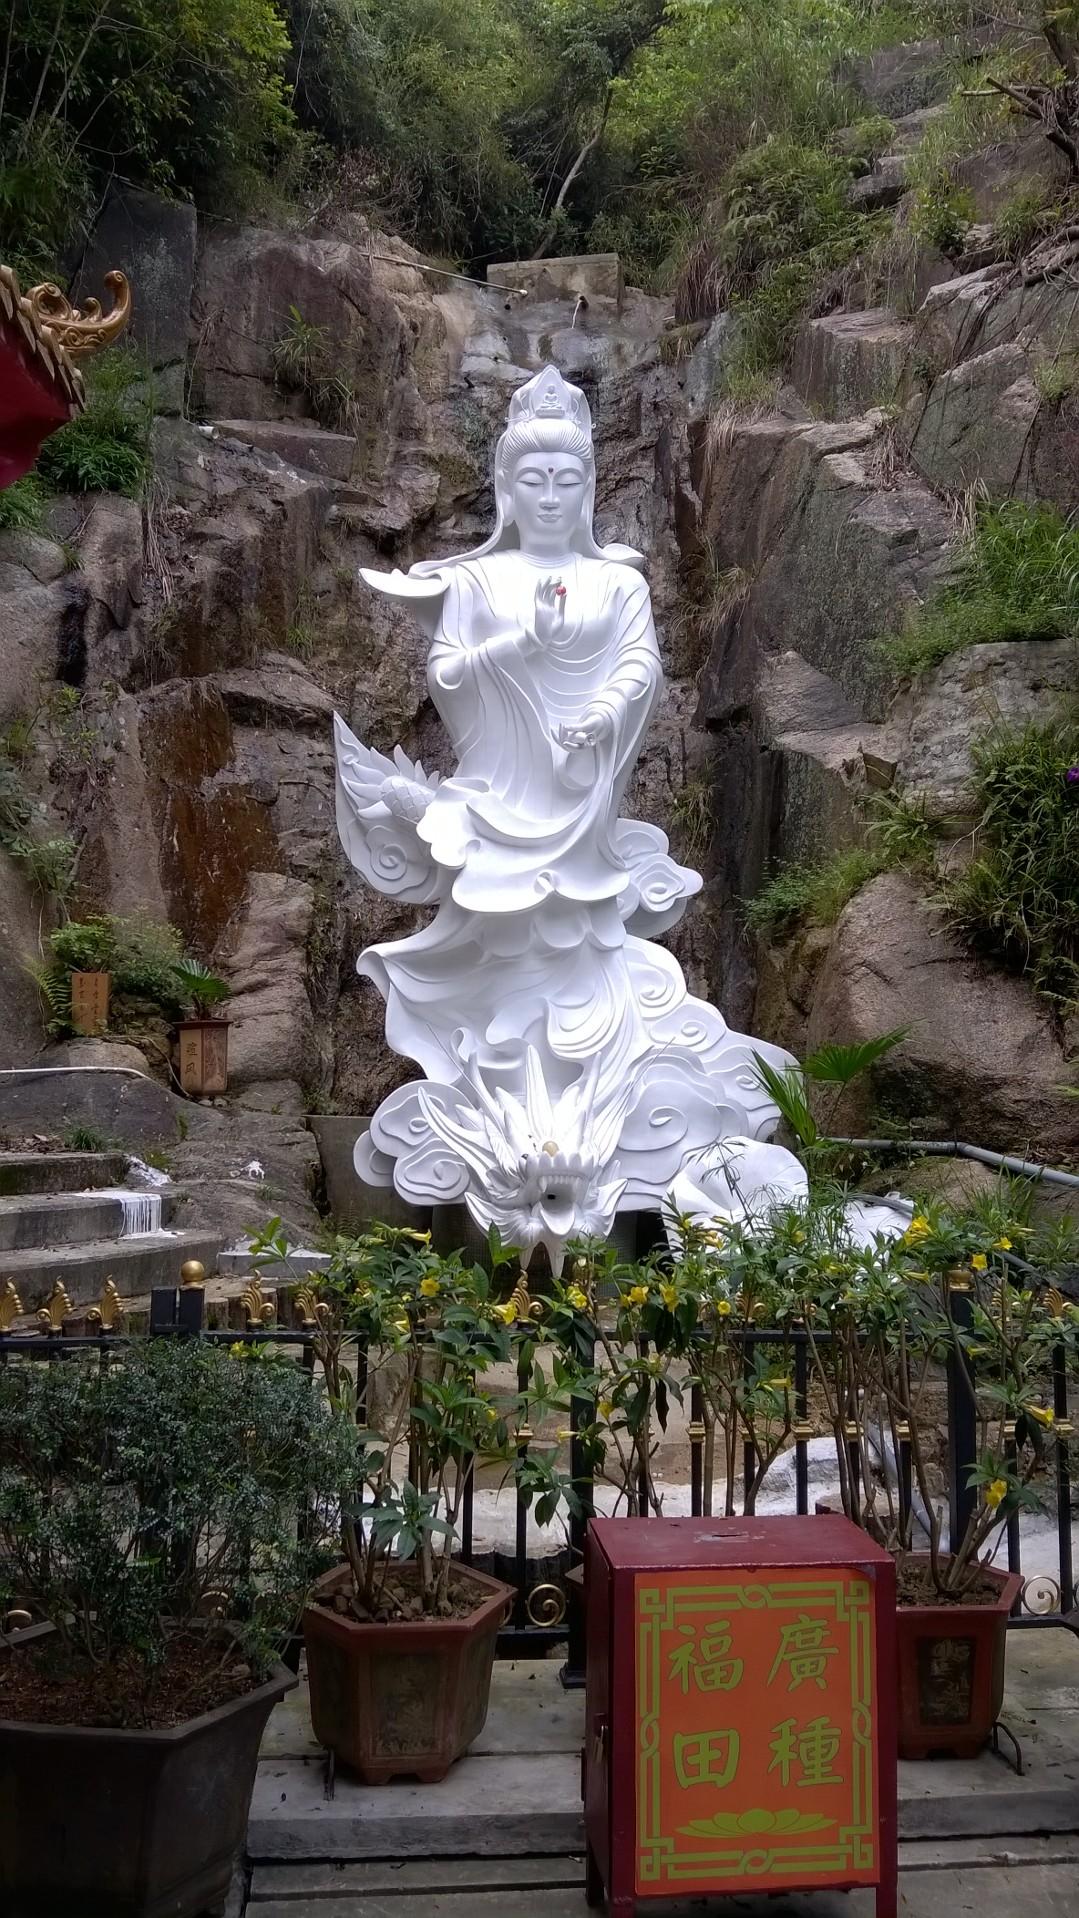 Guanyin statue, Hong Kong